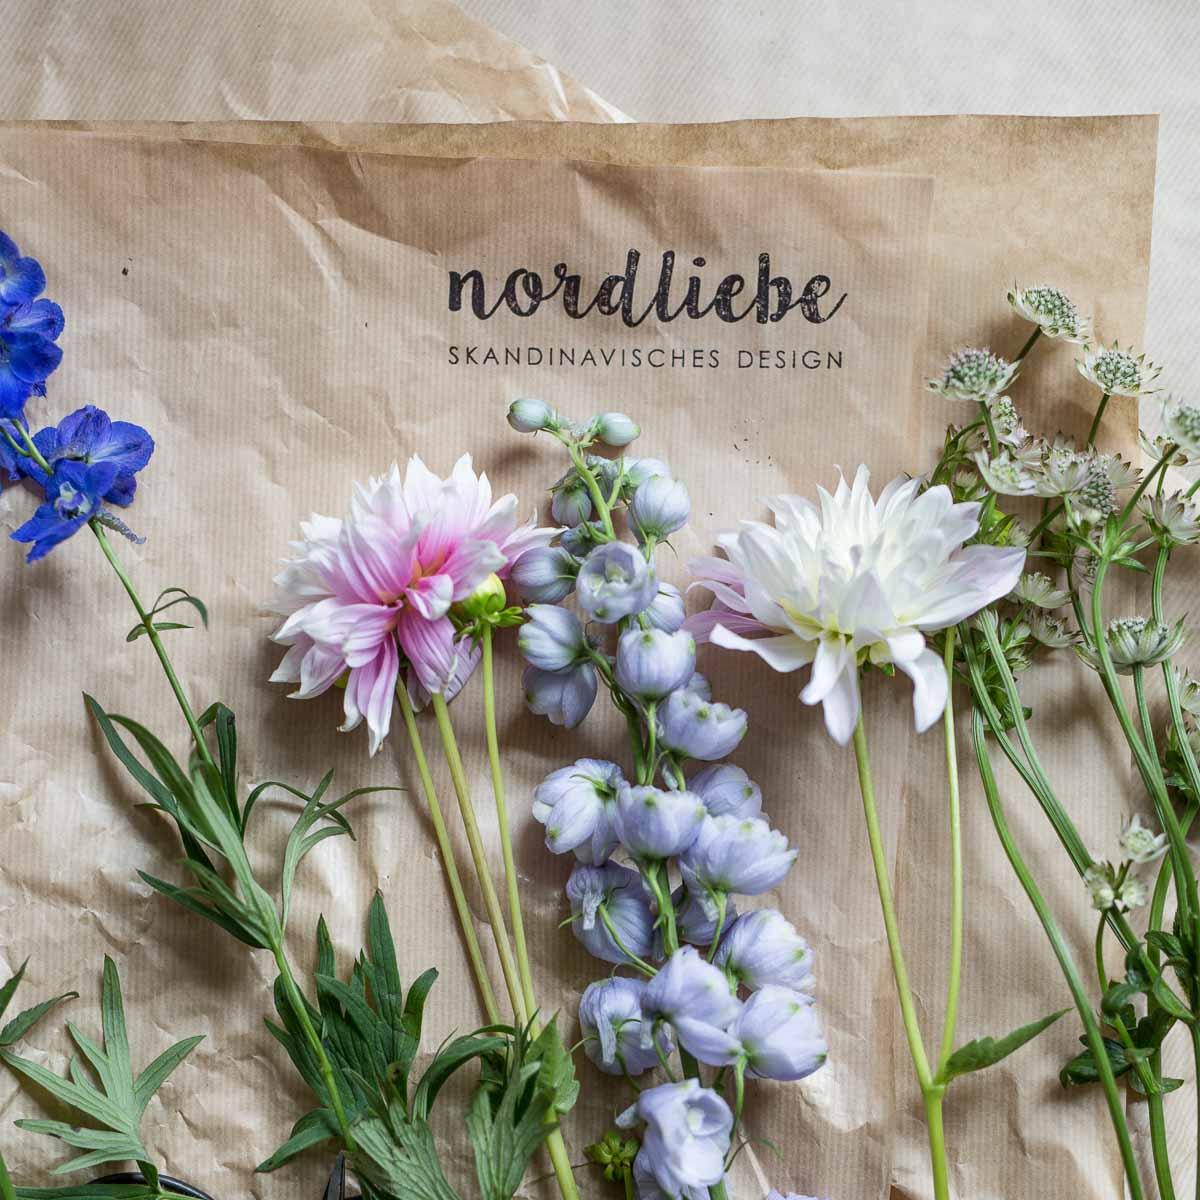 Nordliebe – Skandinavische Wohnaccessoires in Berlin Schöneberg-1